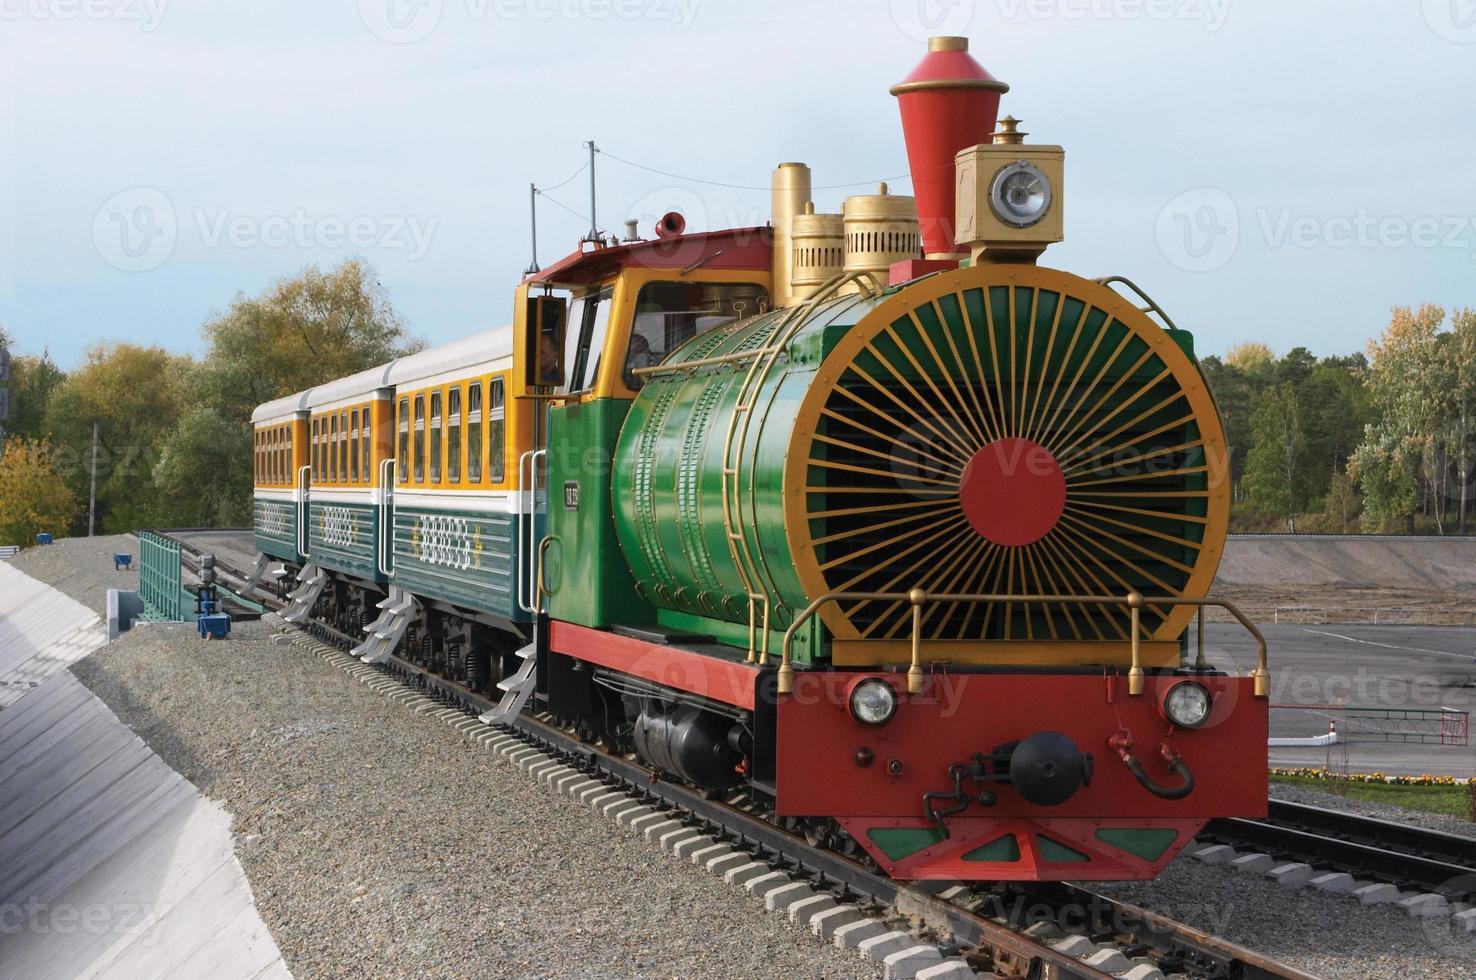 la ferrovia dei bambini. foto